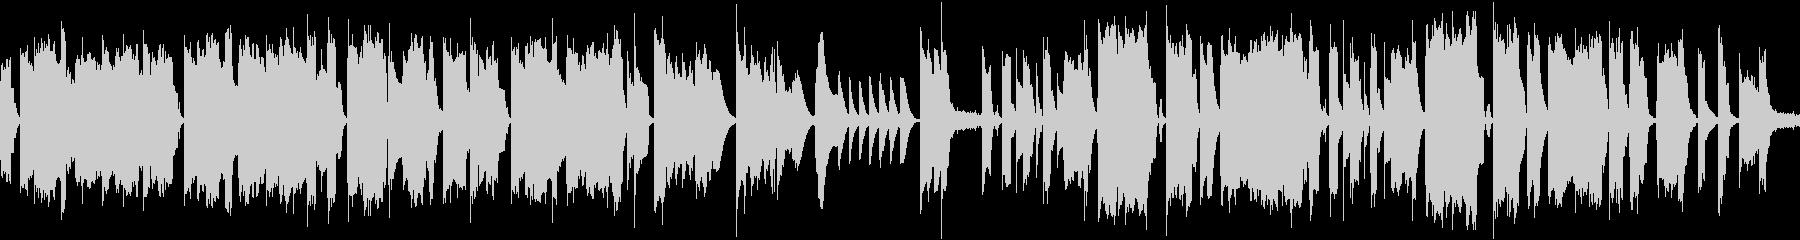 ほのぼのとしたゆるキャラBGMの未再生の波形